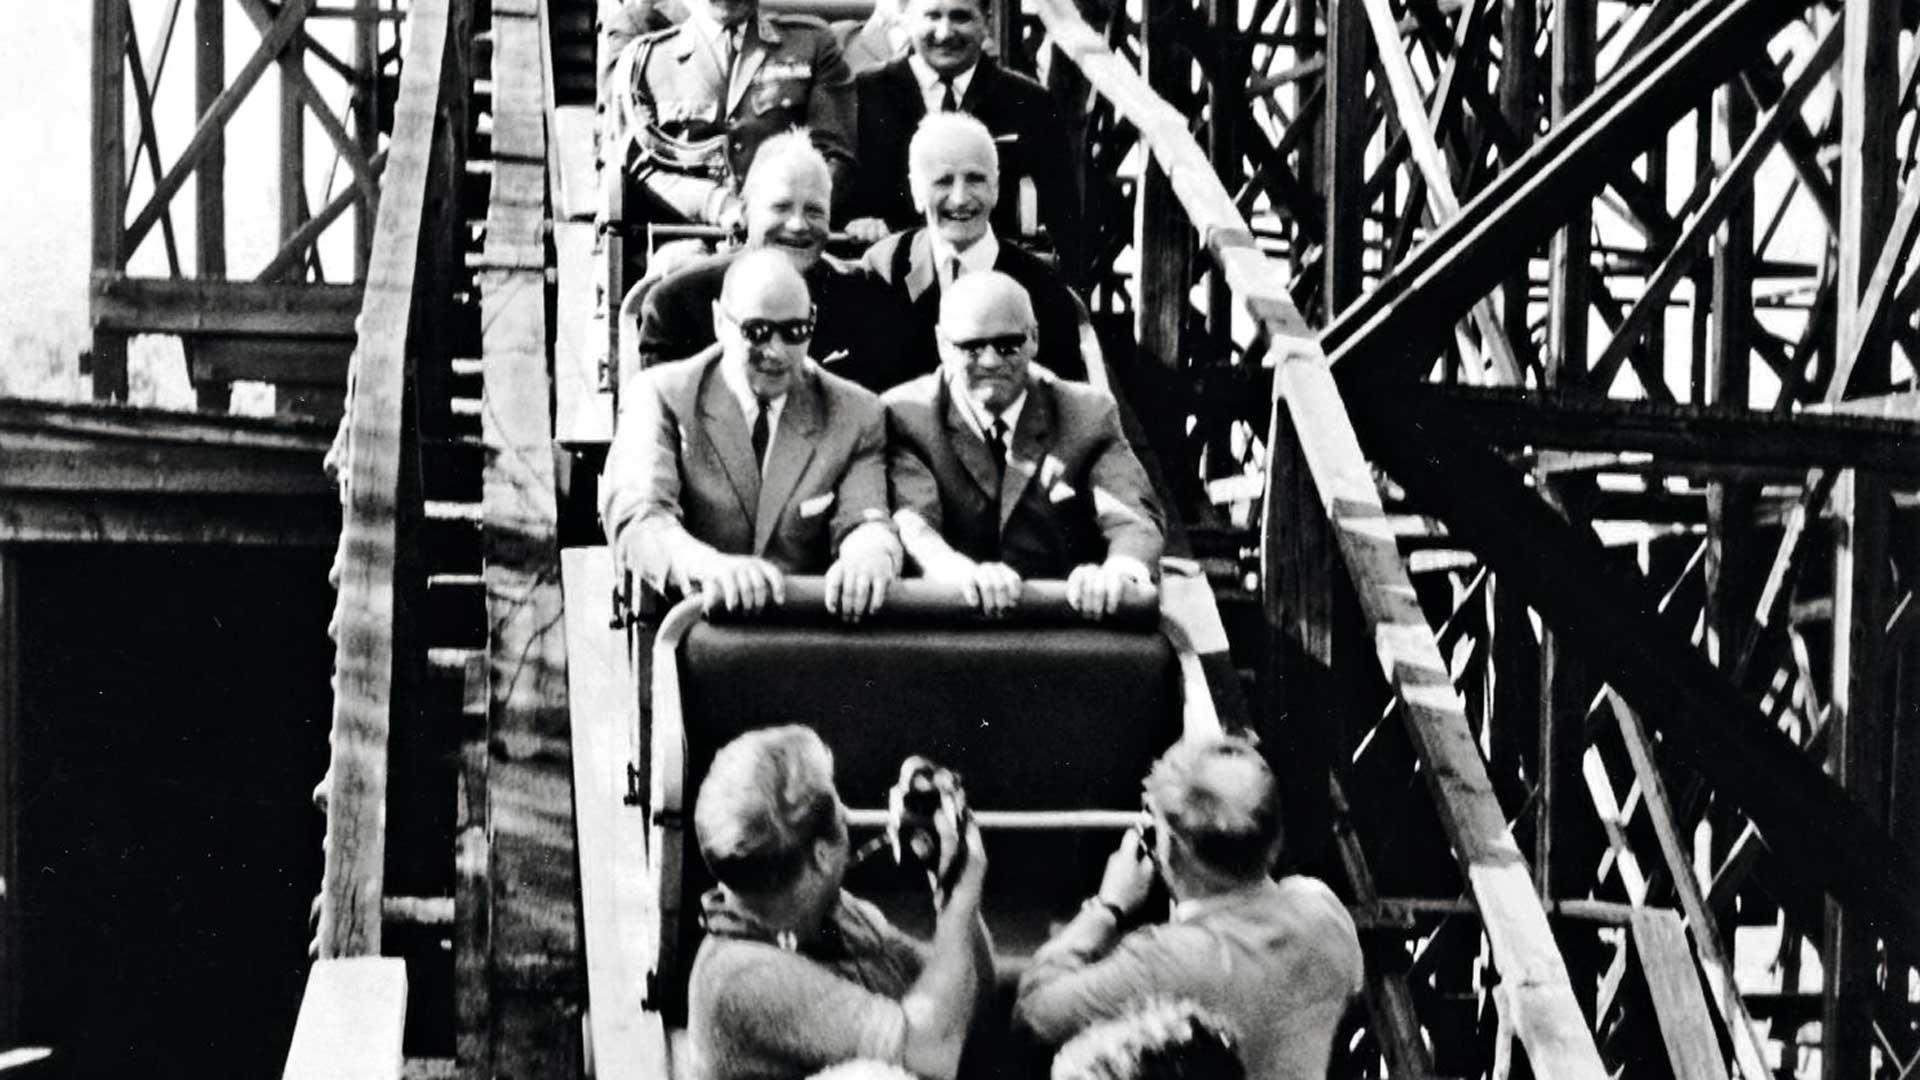 Presidentti Urho Kekkonen meni vastahakoisesti Vuoristorataan, ja sen kyllä näkee. Mukana matkassa olleet kuvaajat saivat nappiotokset kauhistuneesta maan isästä.